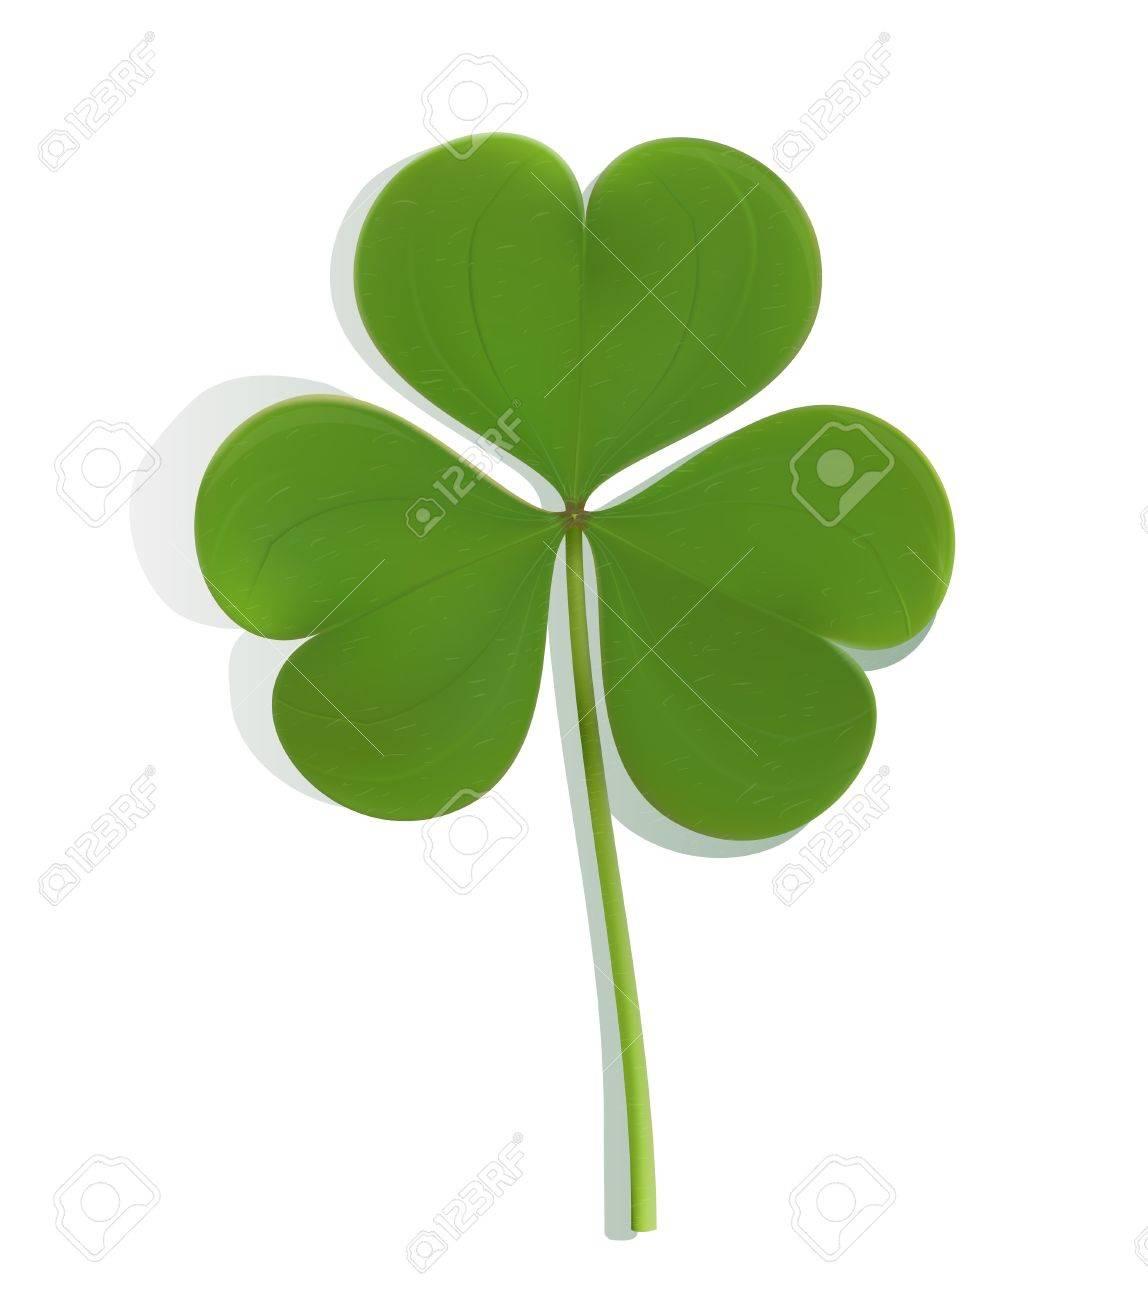 green clover Stock Vector - 12473510